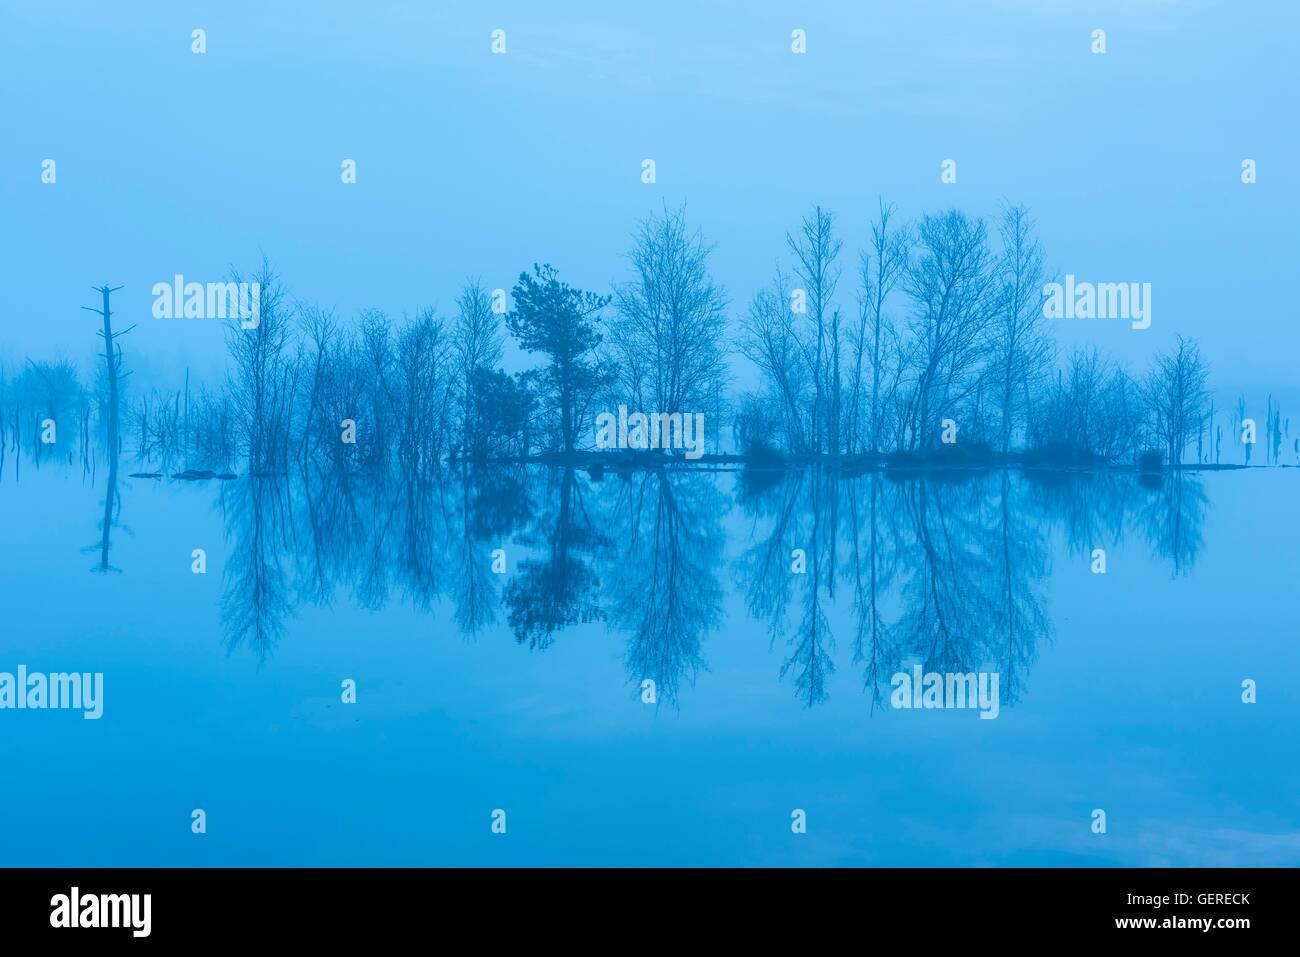 Zur Blauen Stunde, Moor, Goldenstedter Moor, Niedersachsen, Deutschland Stockbild